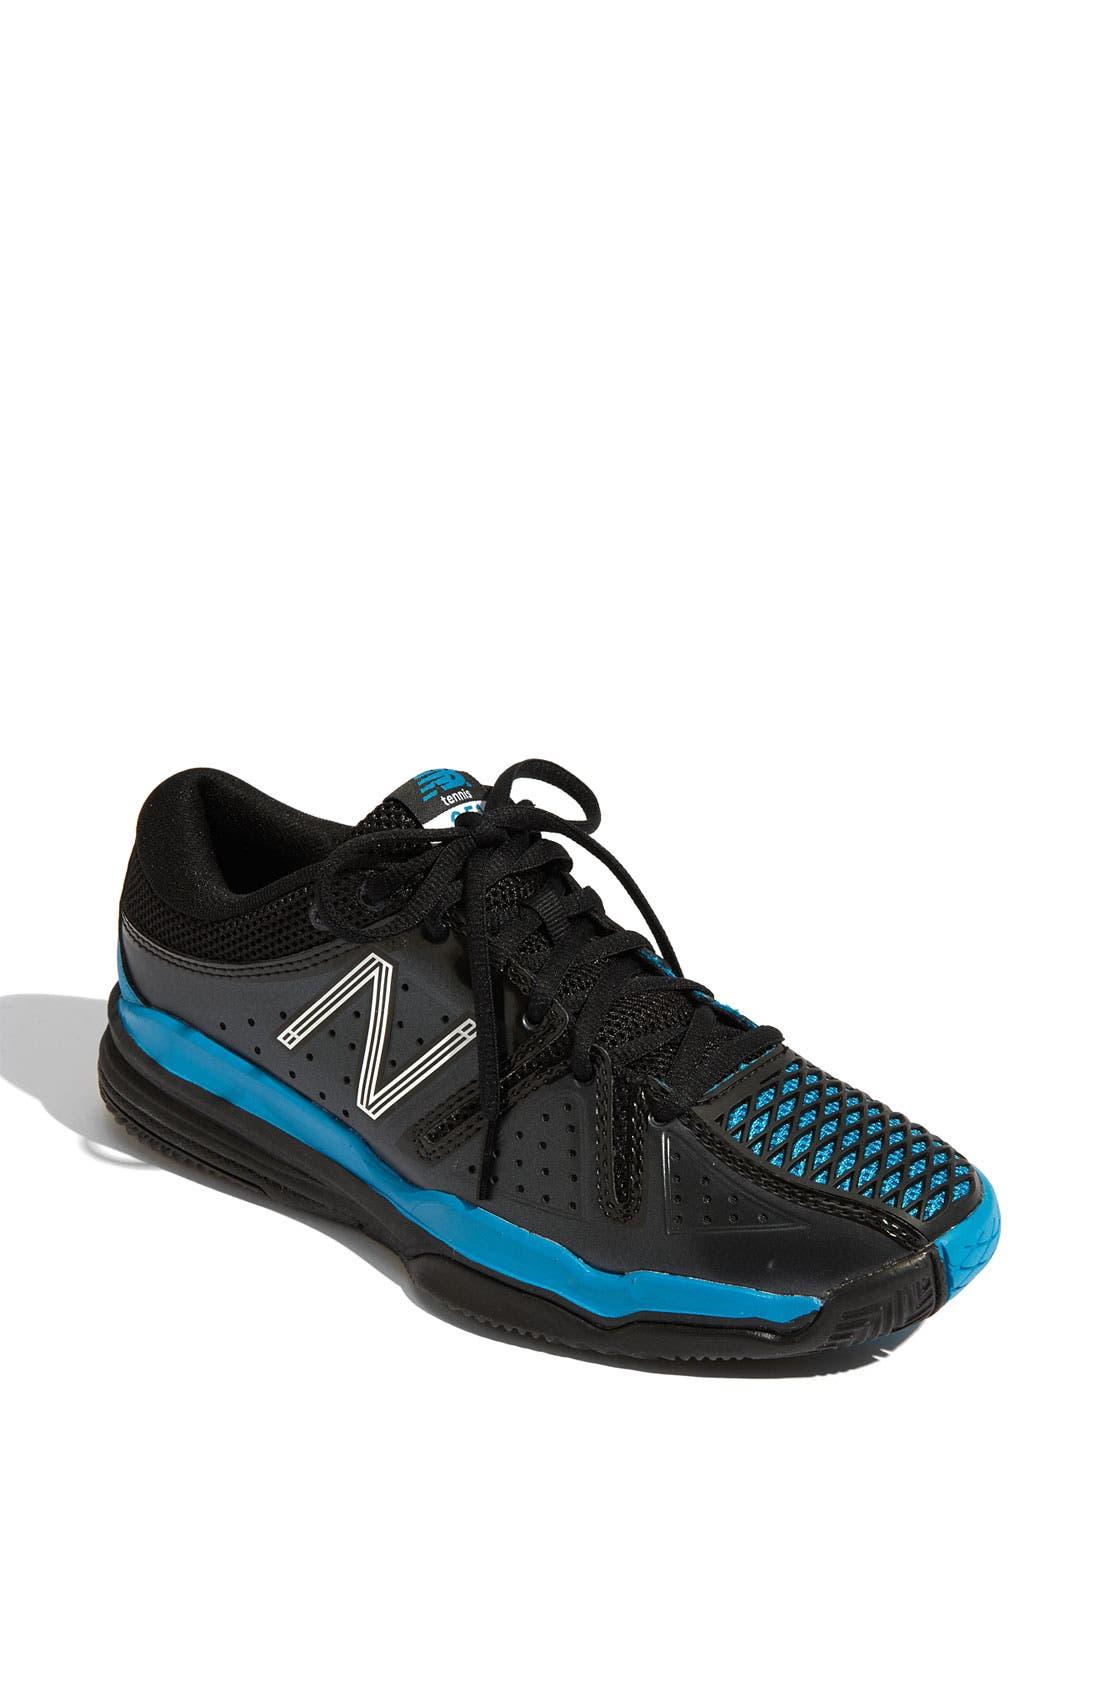 Main Image - New Balance '851' Tennis Shoe (Women) (Regular Retail Price: $89.95)